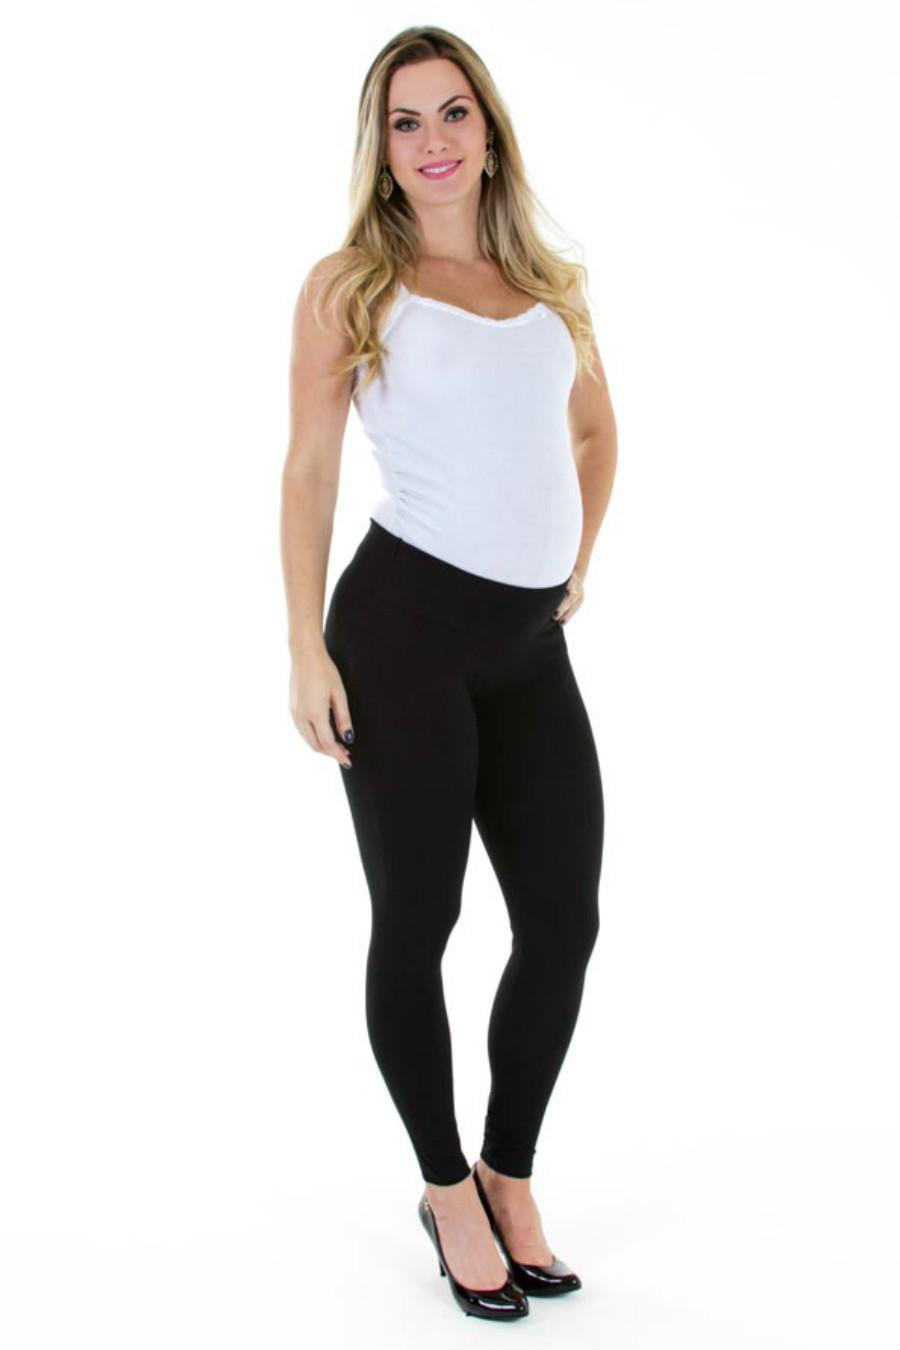 Blog Gestante Fashion  Roupas para usar antes e depois da gravidez 77a4d0905a0e1